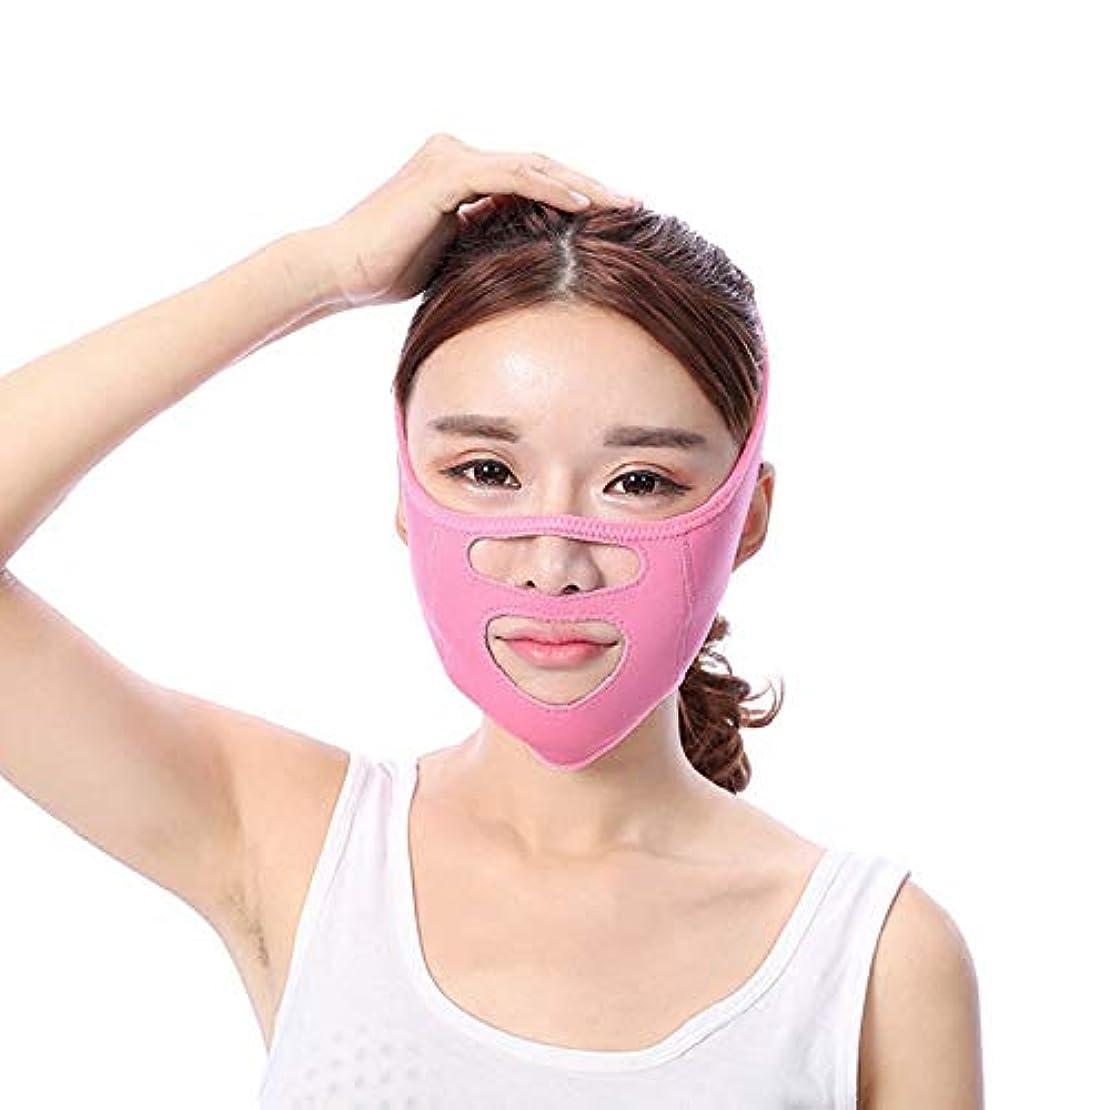 制約曲線報復するGYZ 顔の持ち上がる痩身ベルト - あなたの顔のための素晴らしいトレーニング二重あごのワークアウトフェイスマスクベルト薄い顔包帯整形マスクは顔と首を締めますフェイススリム Thin Face Belt